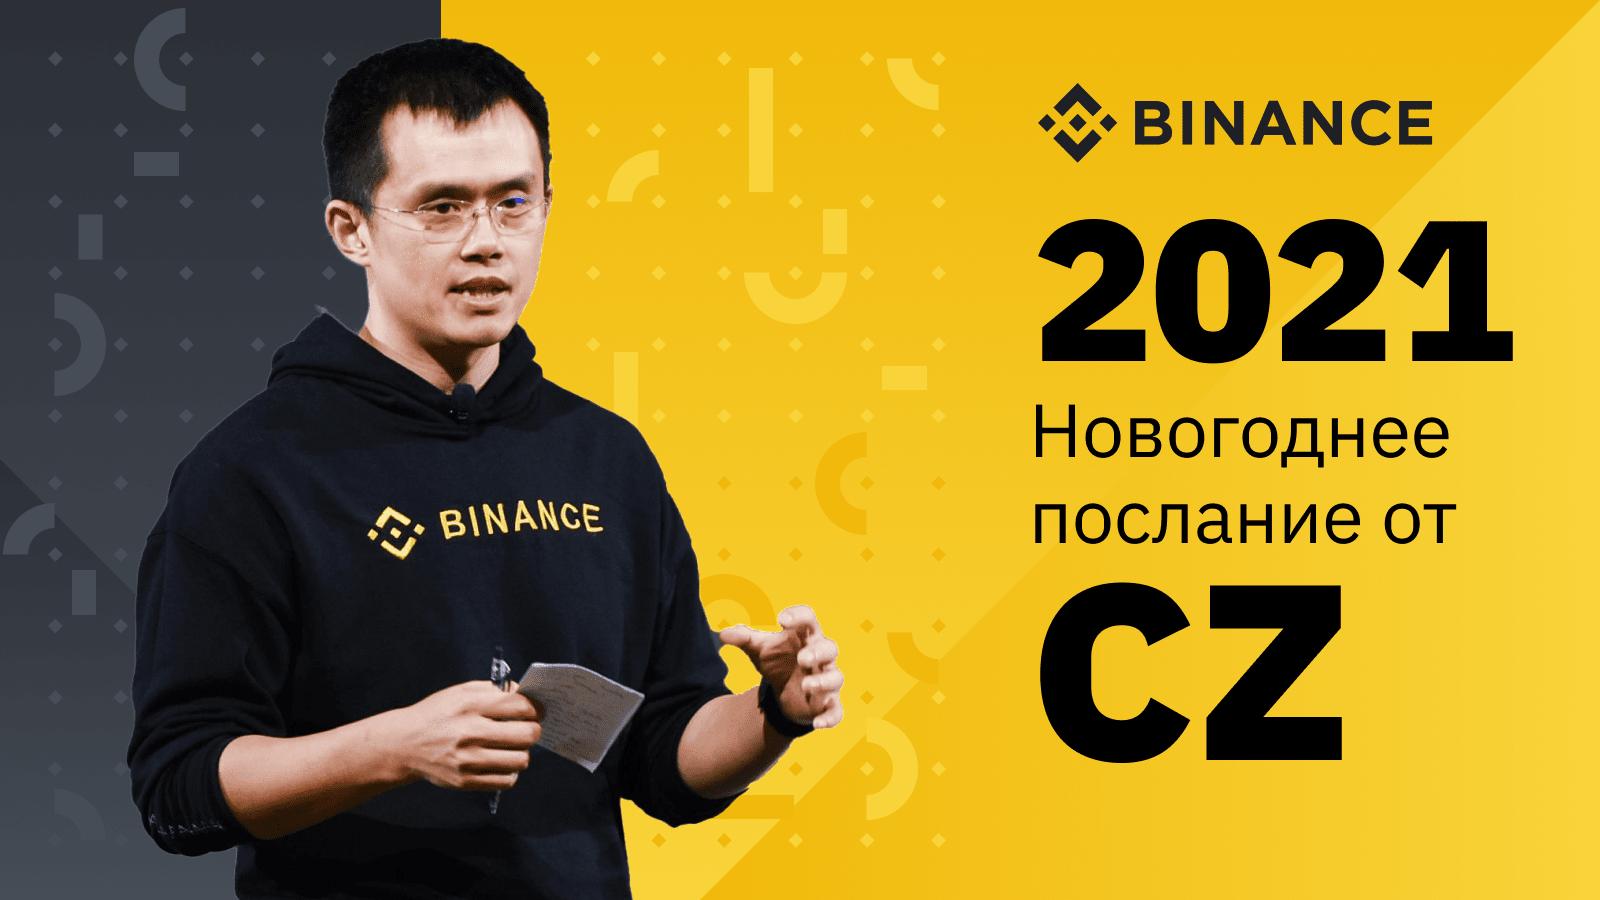 Binance вывод в 2021 году